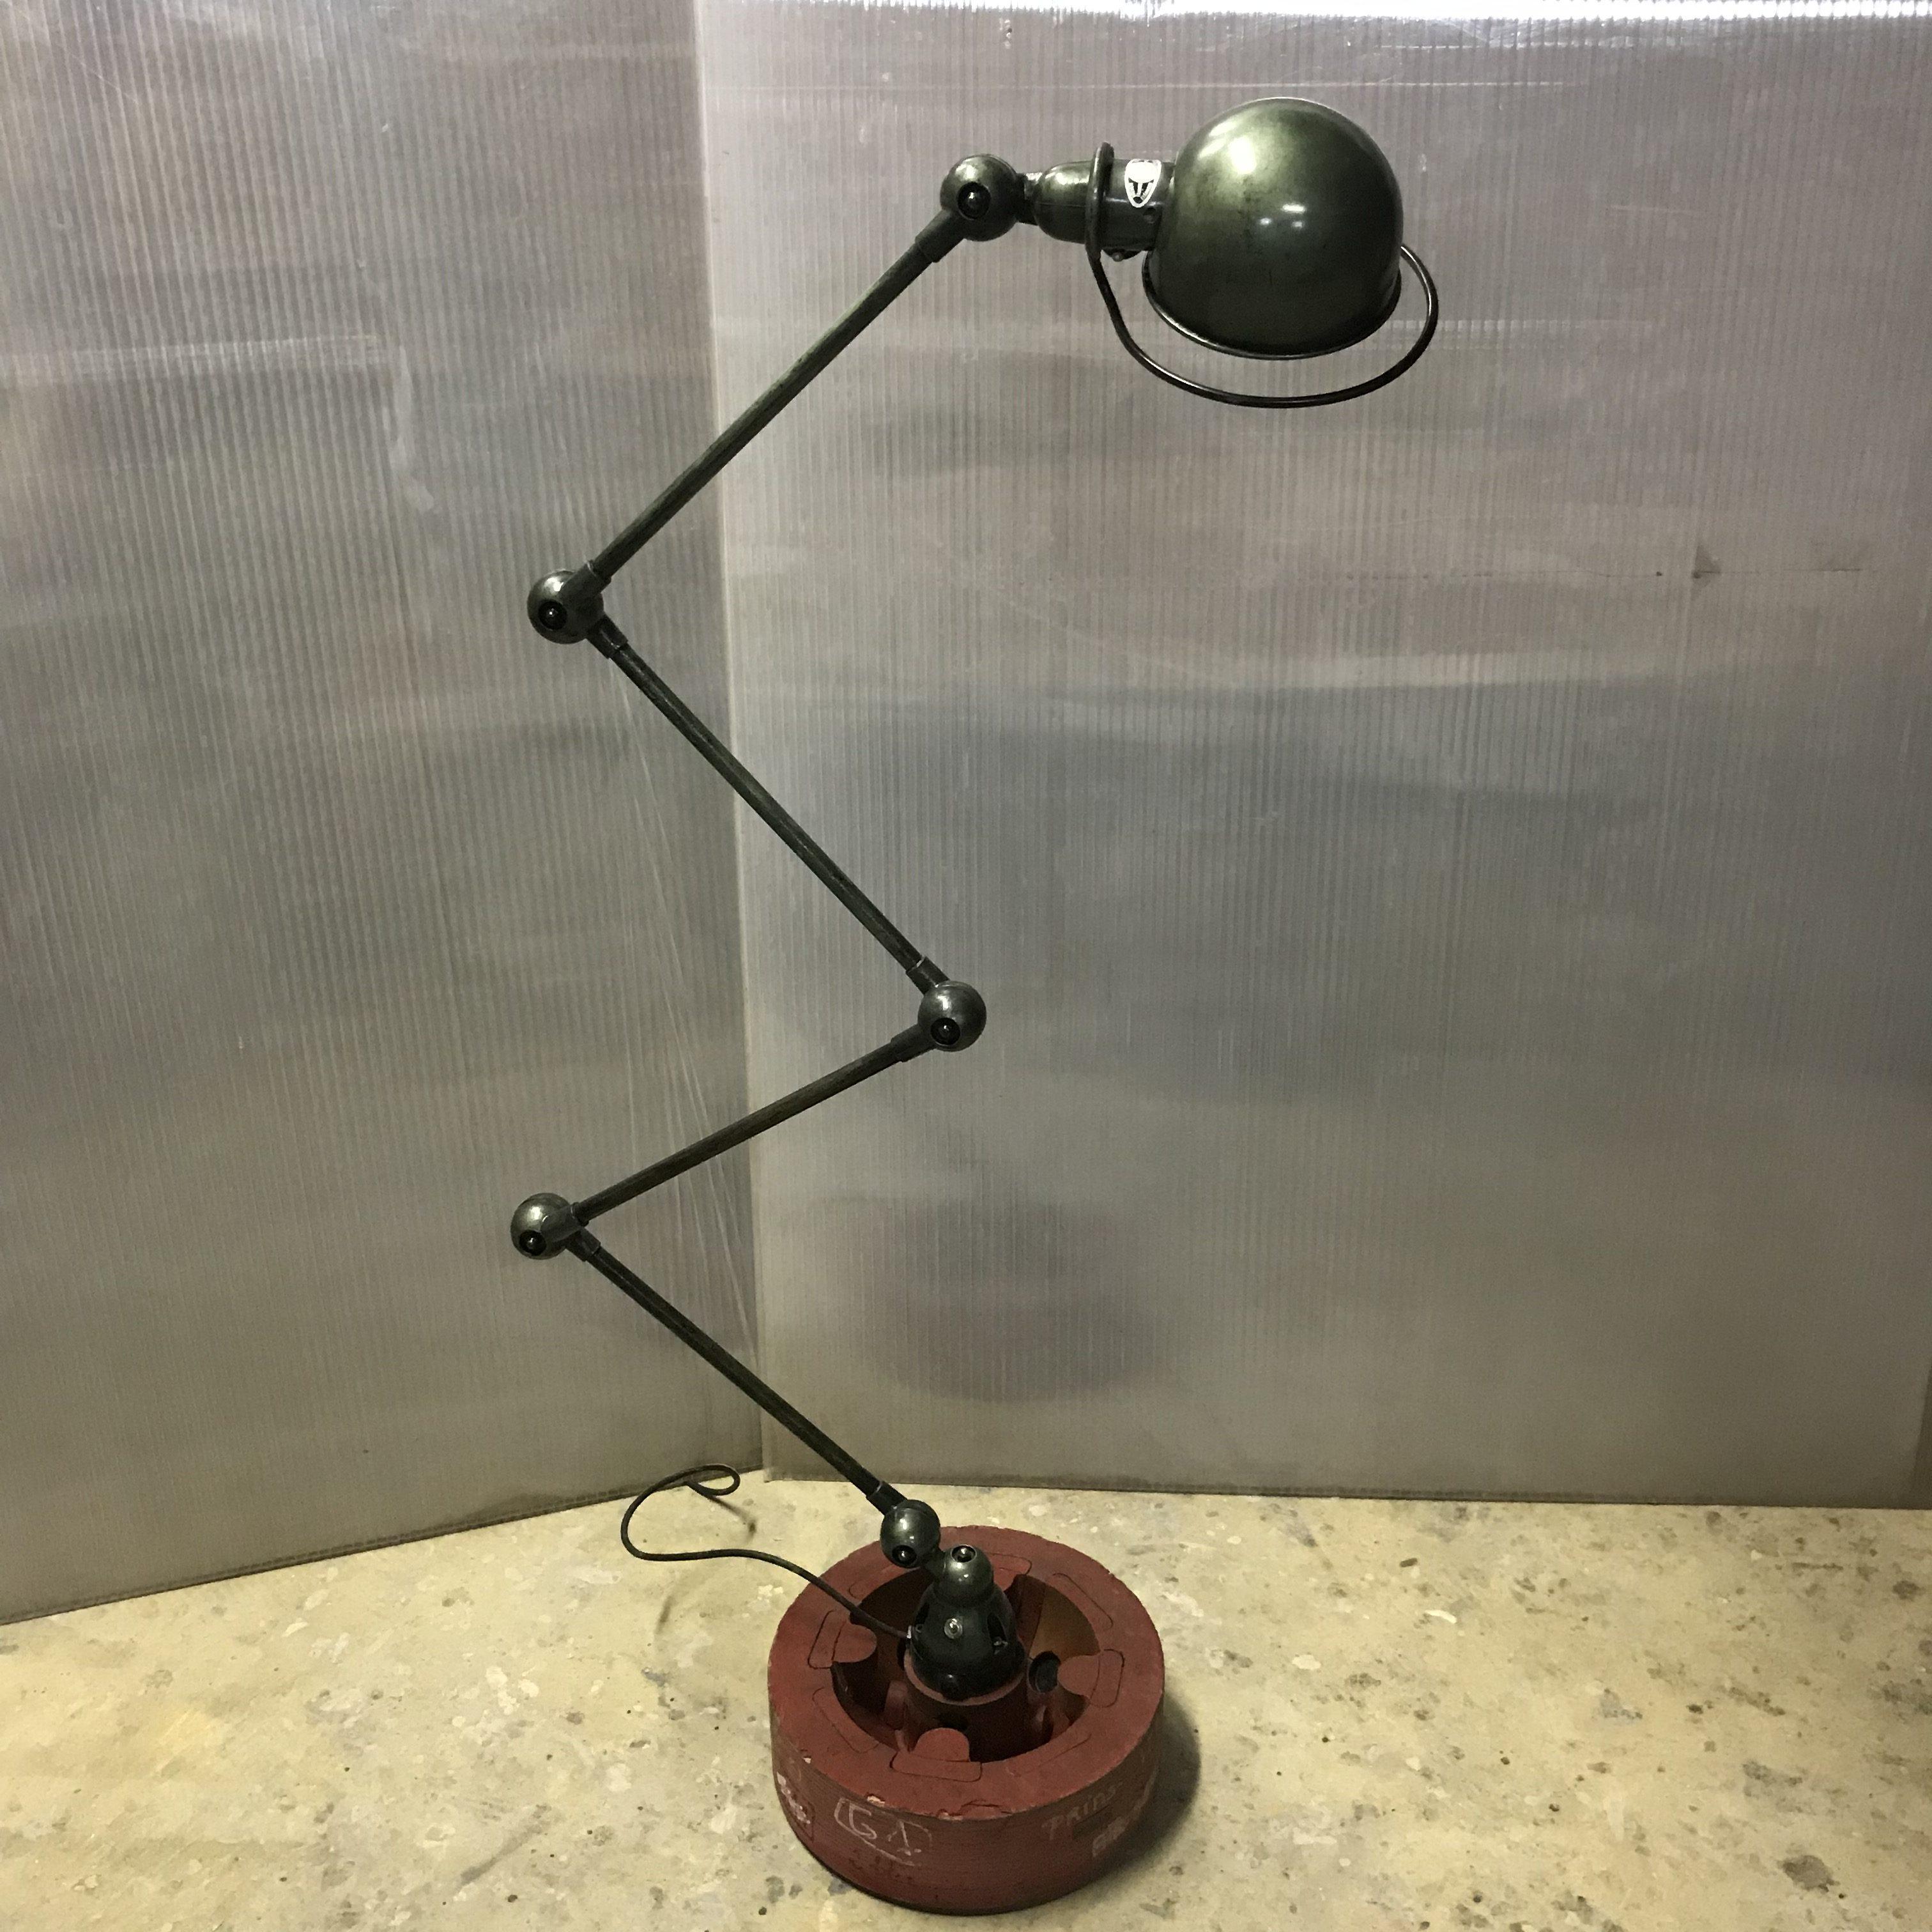 lampe industrielle jld 4 bras - meubles industriel | anna colore